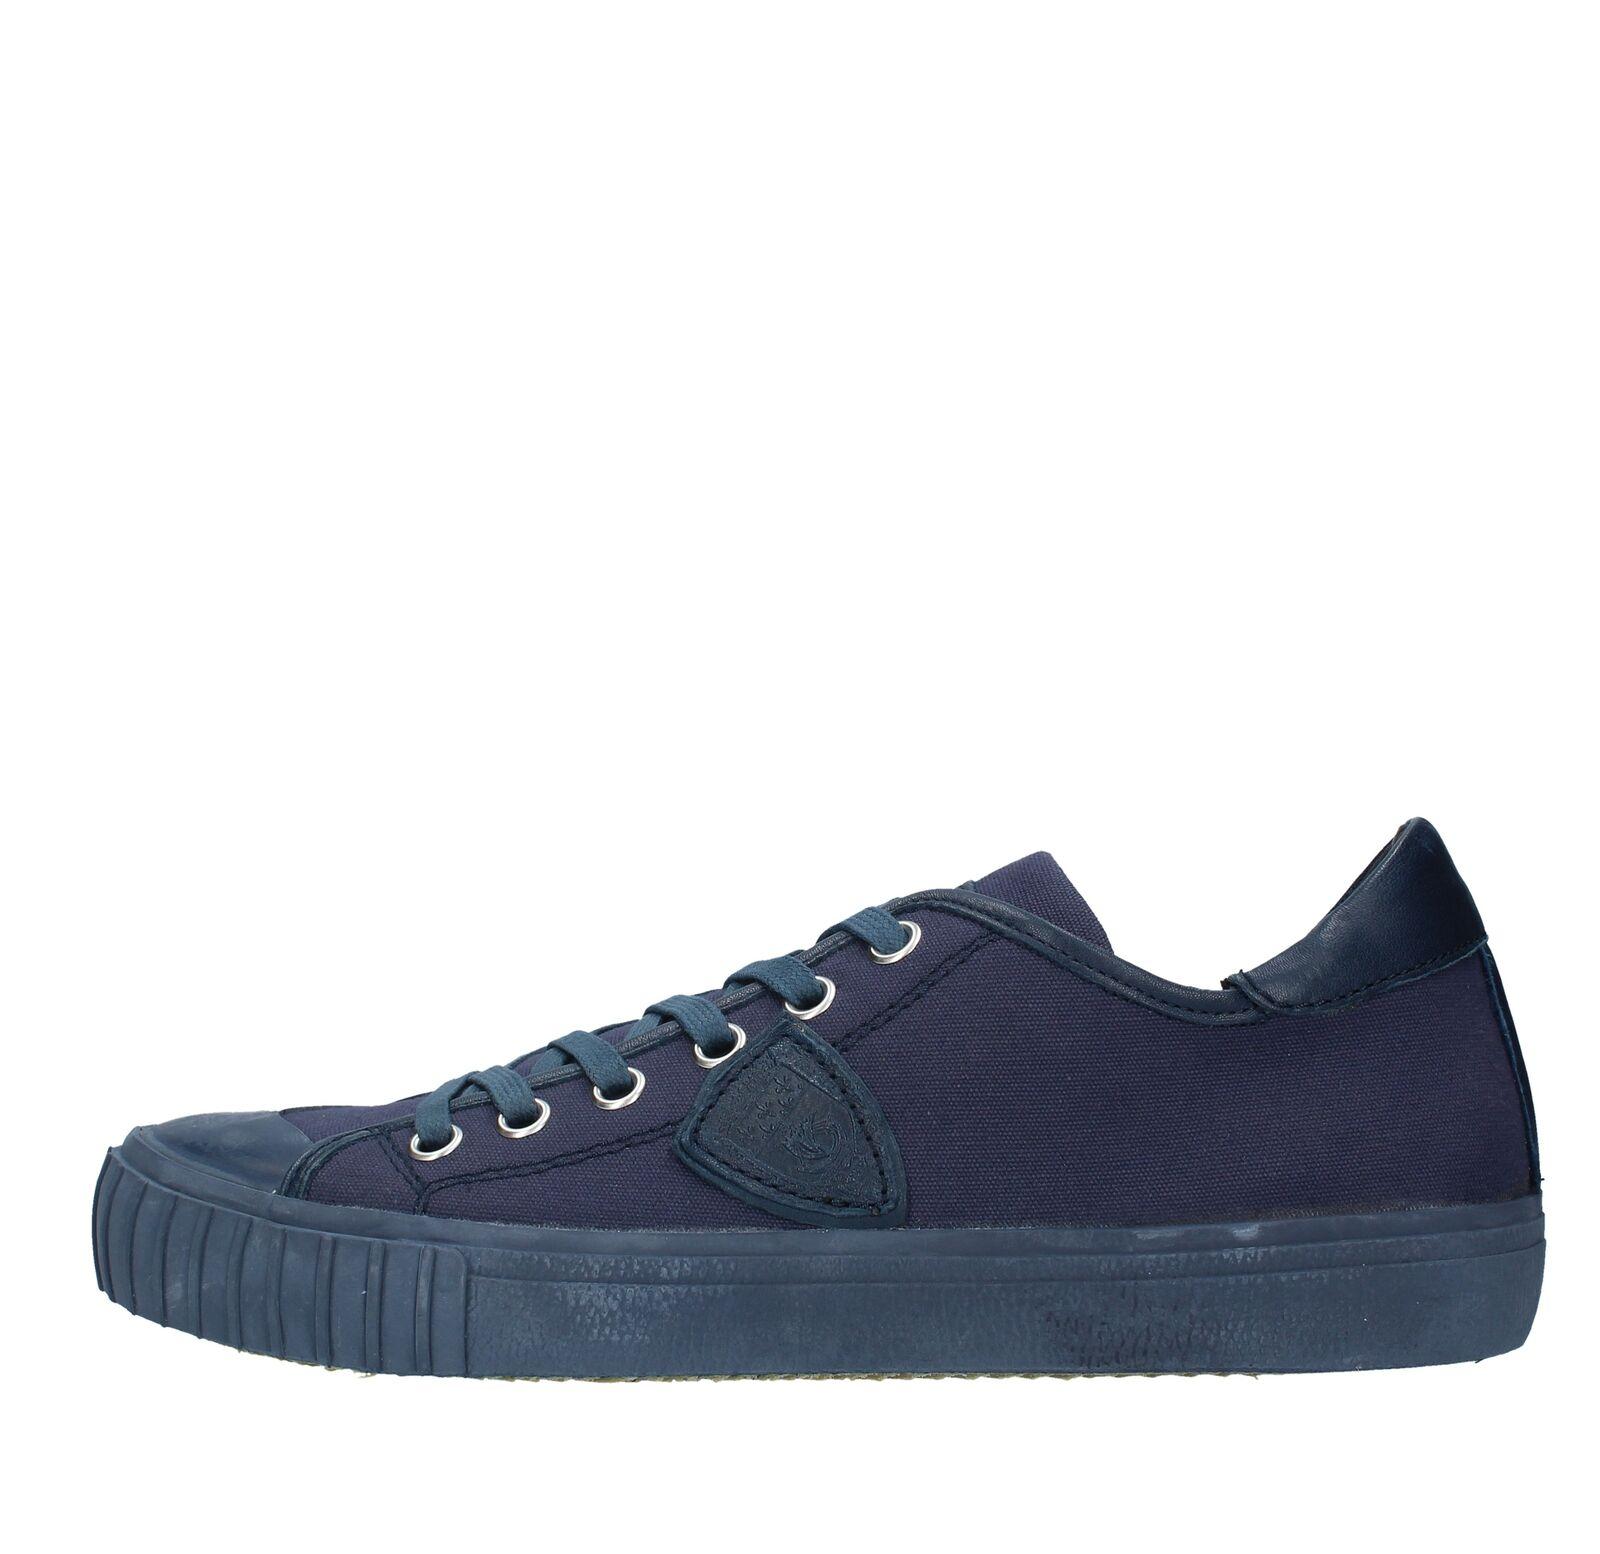 Amf116 _ Pmods zapatos zapatillas Philippe Model Mens